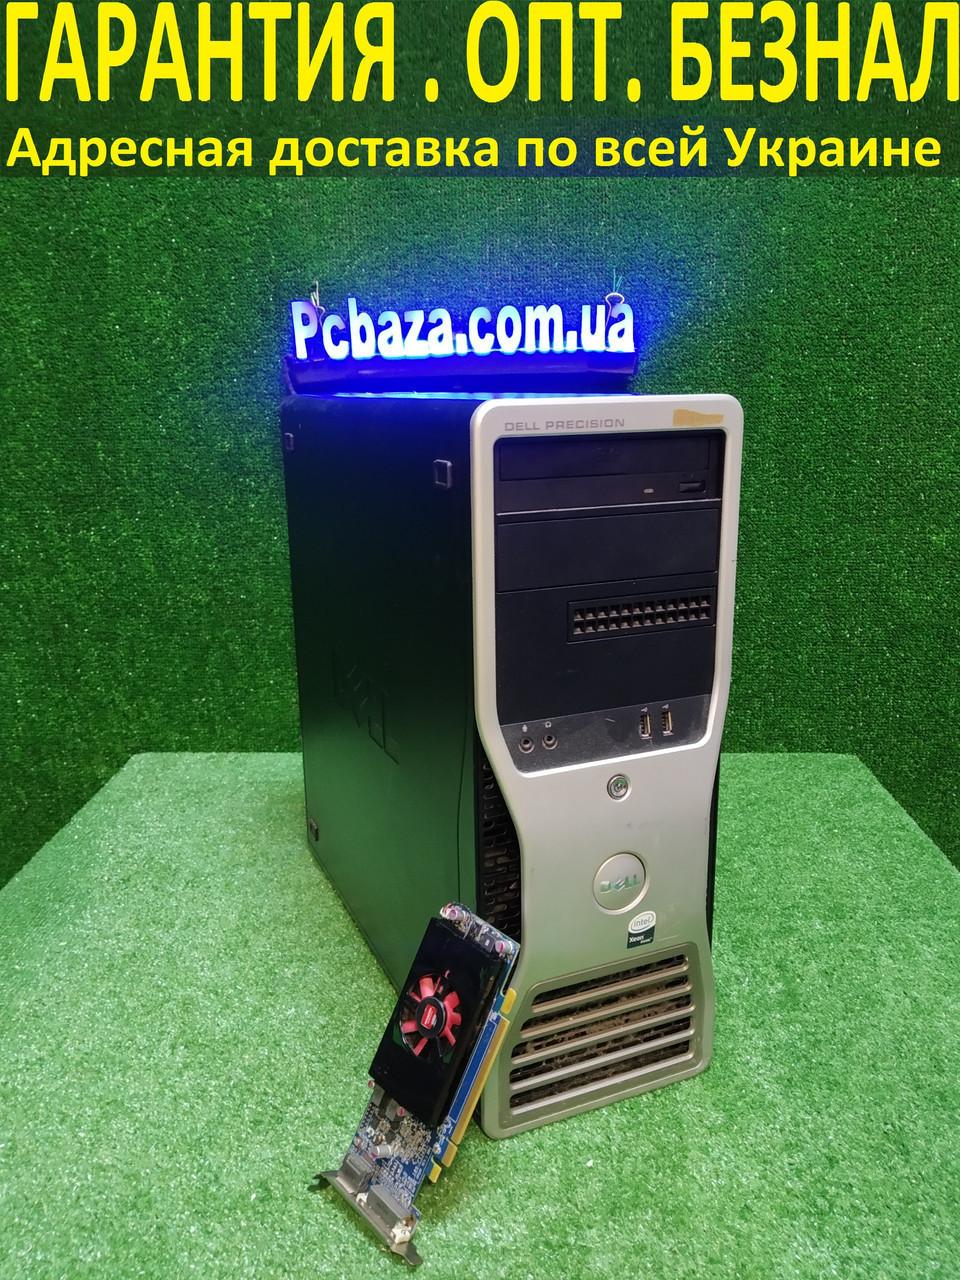 Игровой Dell Precision t3500 4(8) ядра Intel Xeon W3530 3.06, 12 ГБ DDR3, 128SSD+1000HDD, HD 7570 1 GB DDR5